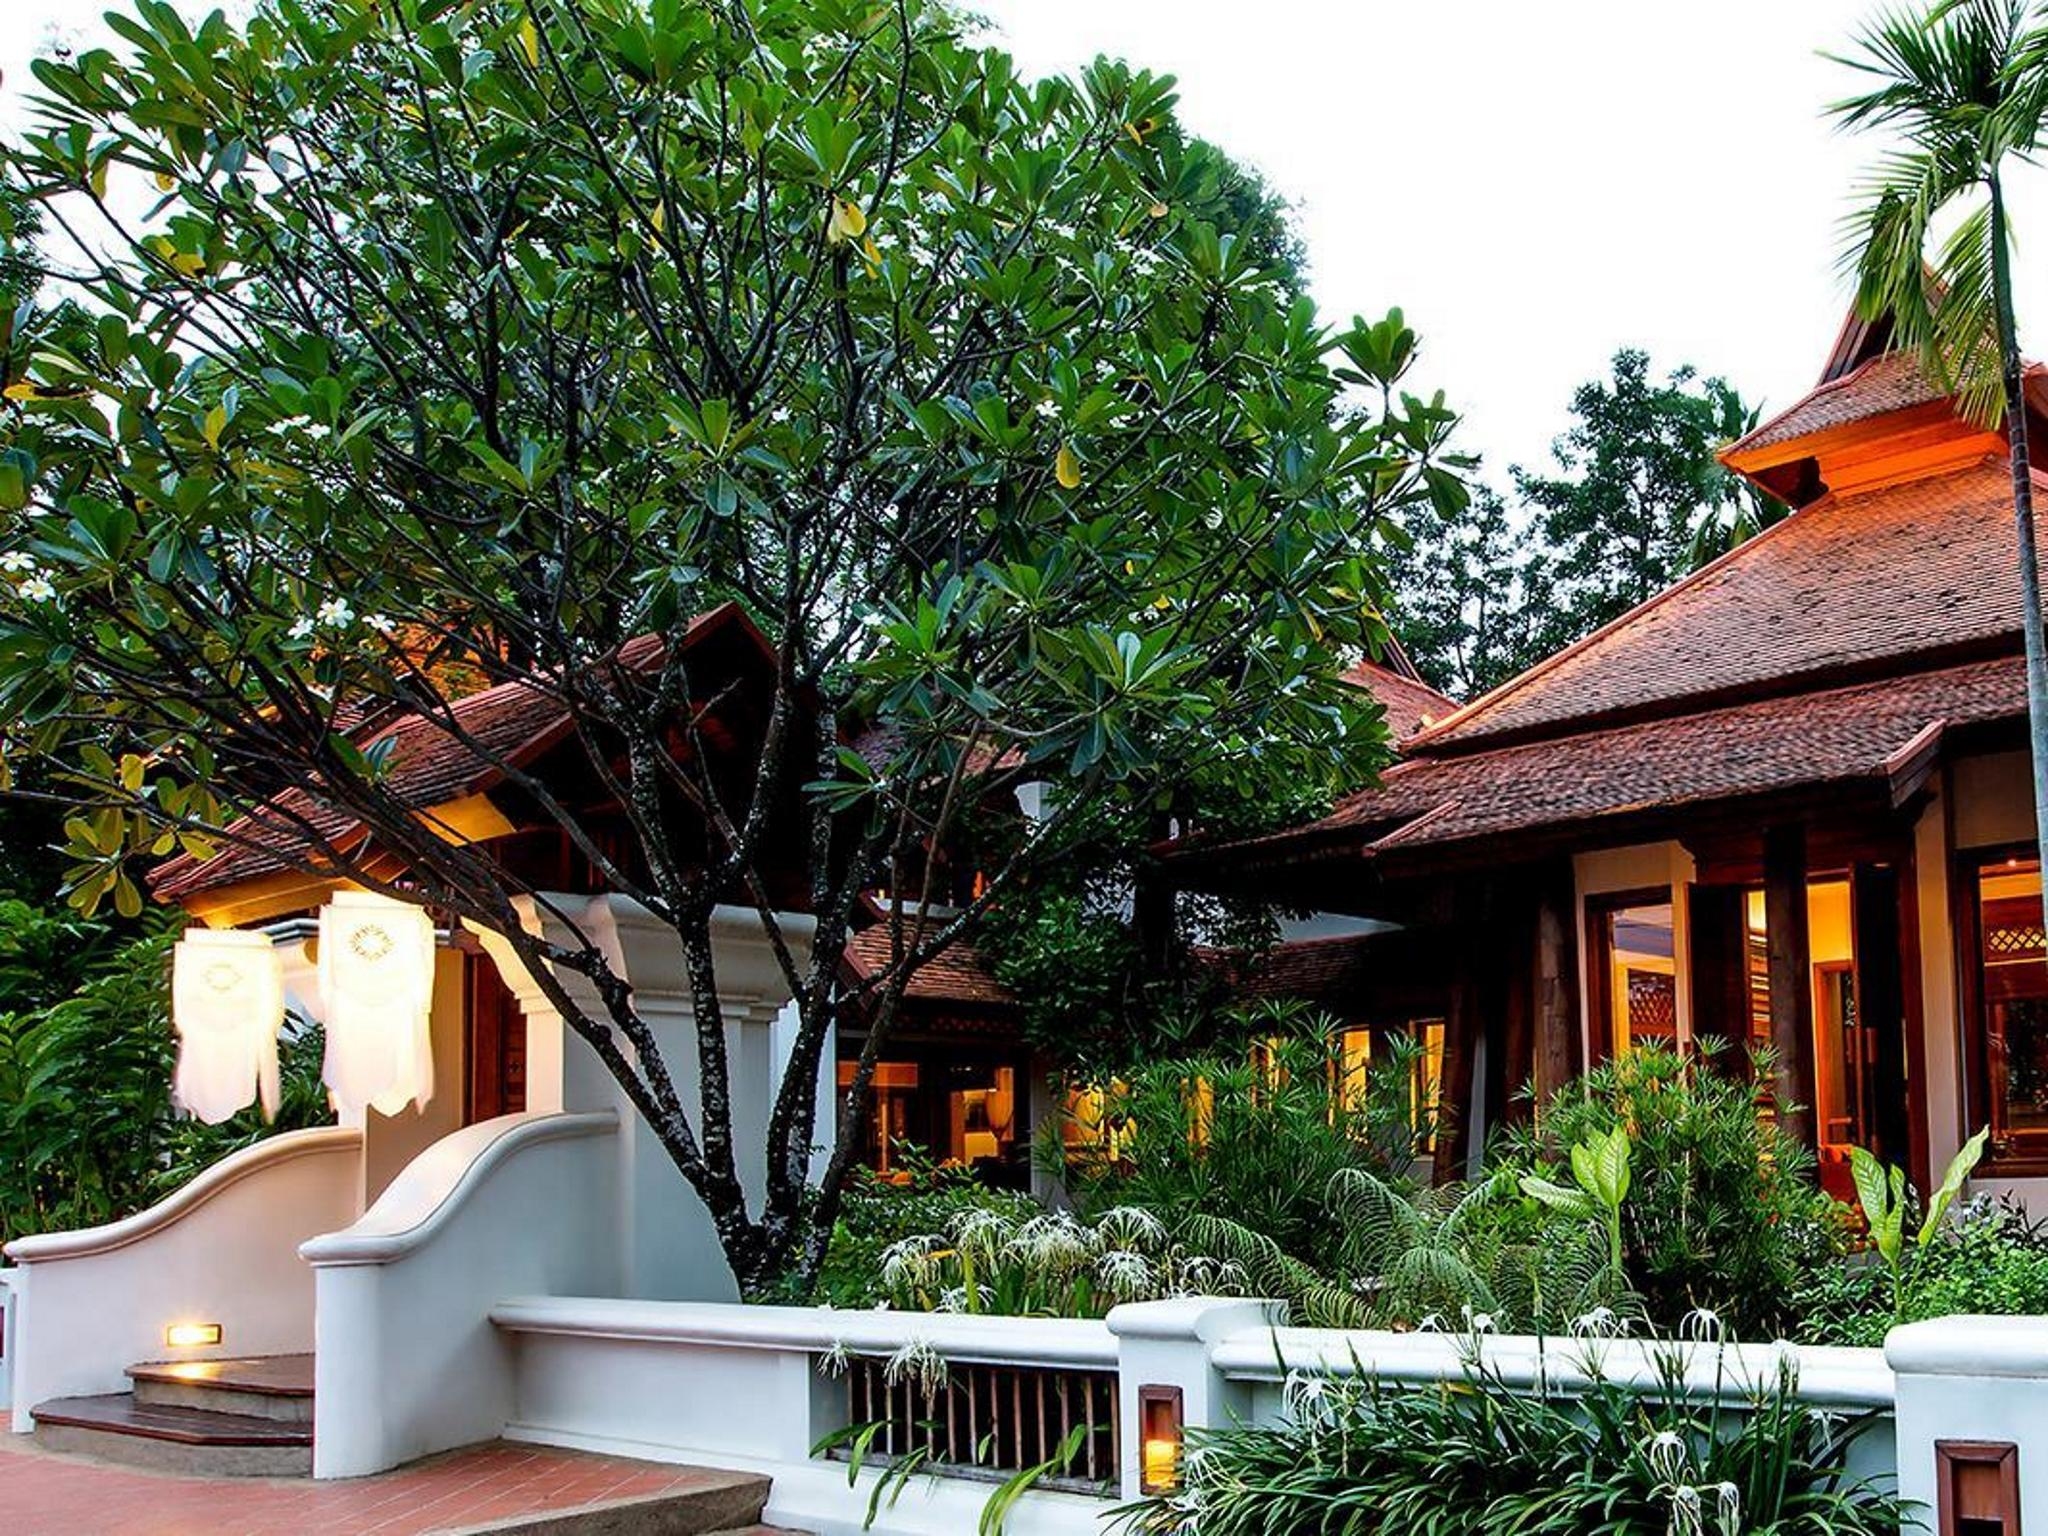 ที่นี่คือ โอเอซิส บ้านแสนดอย สปา รีสอร์ท (Oasis Baan Saen Doi Spa Resort)